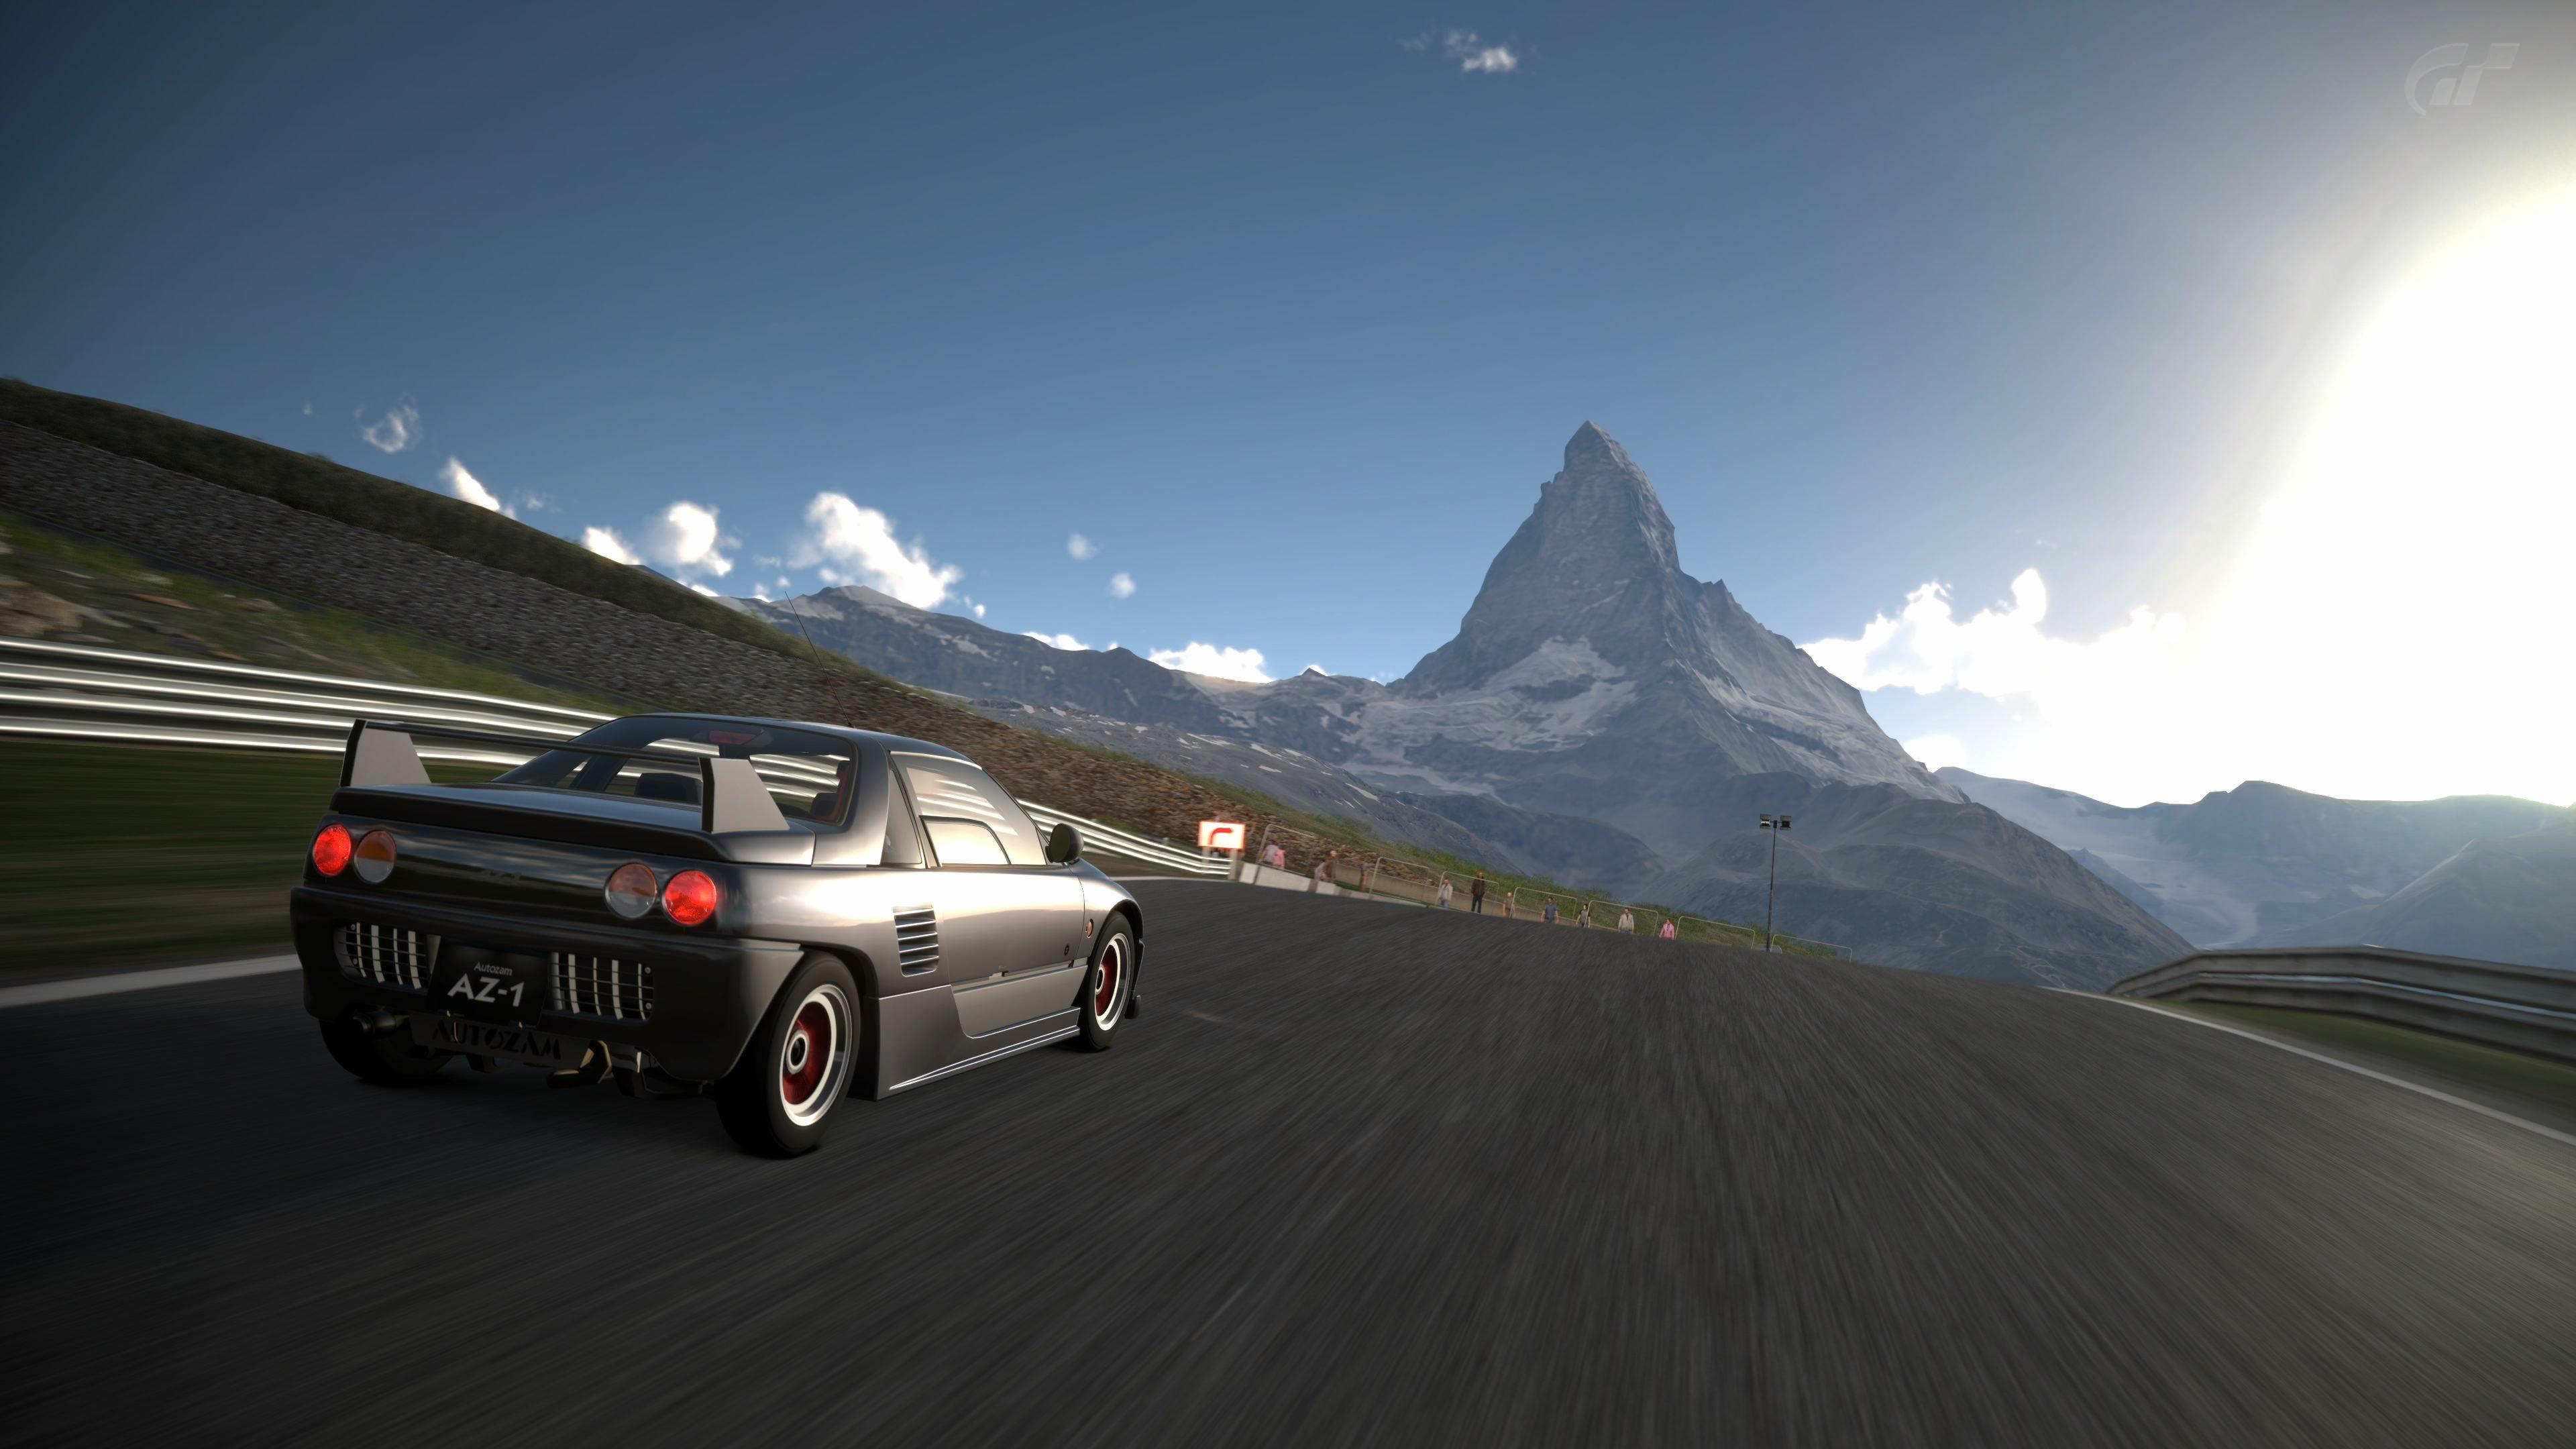 Matterhorn Rotenboden.jpg